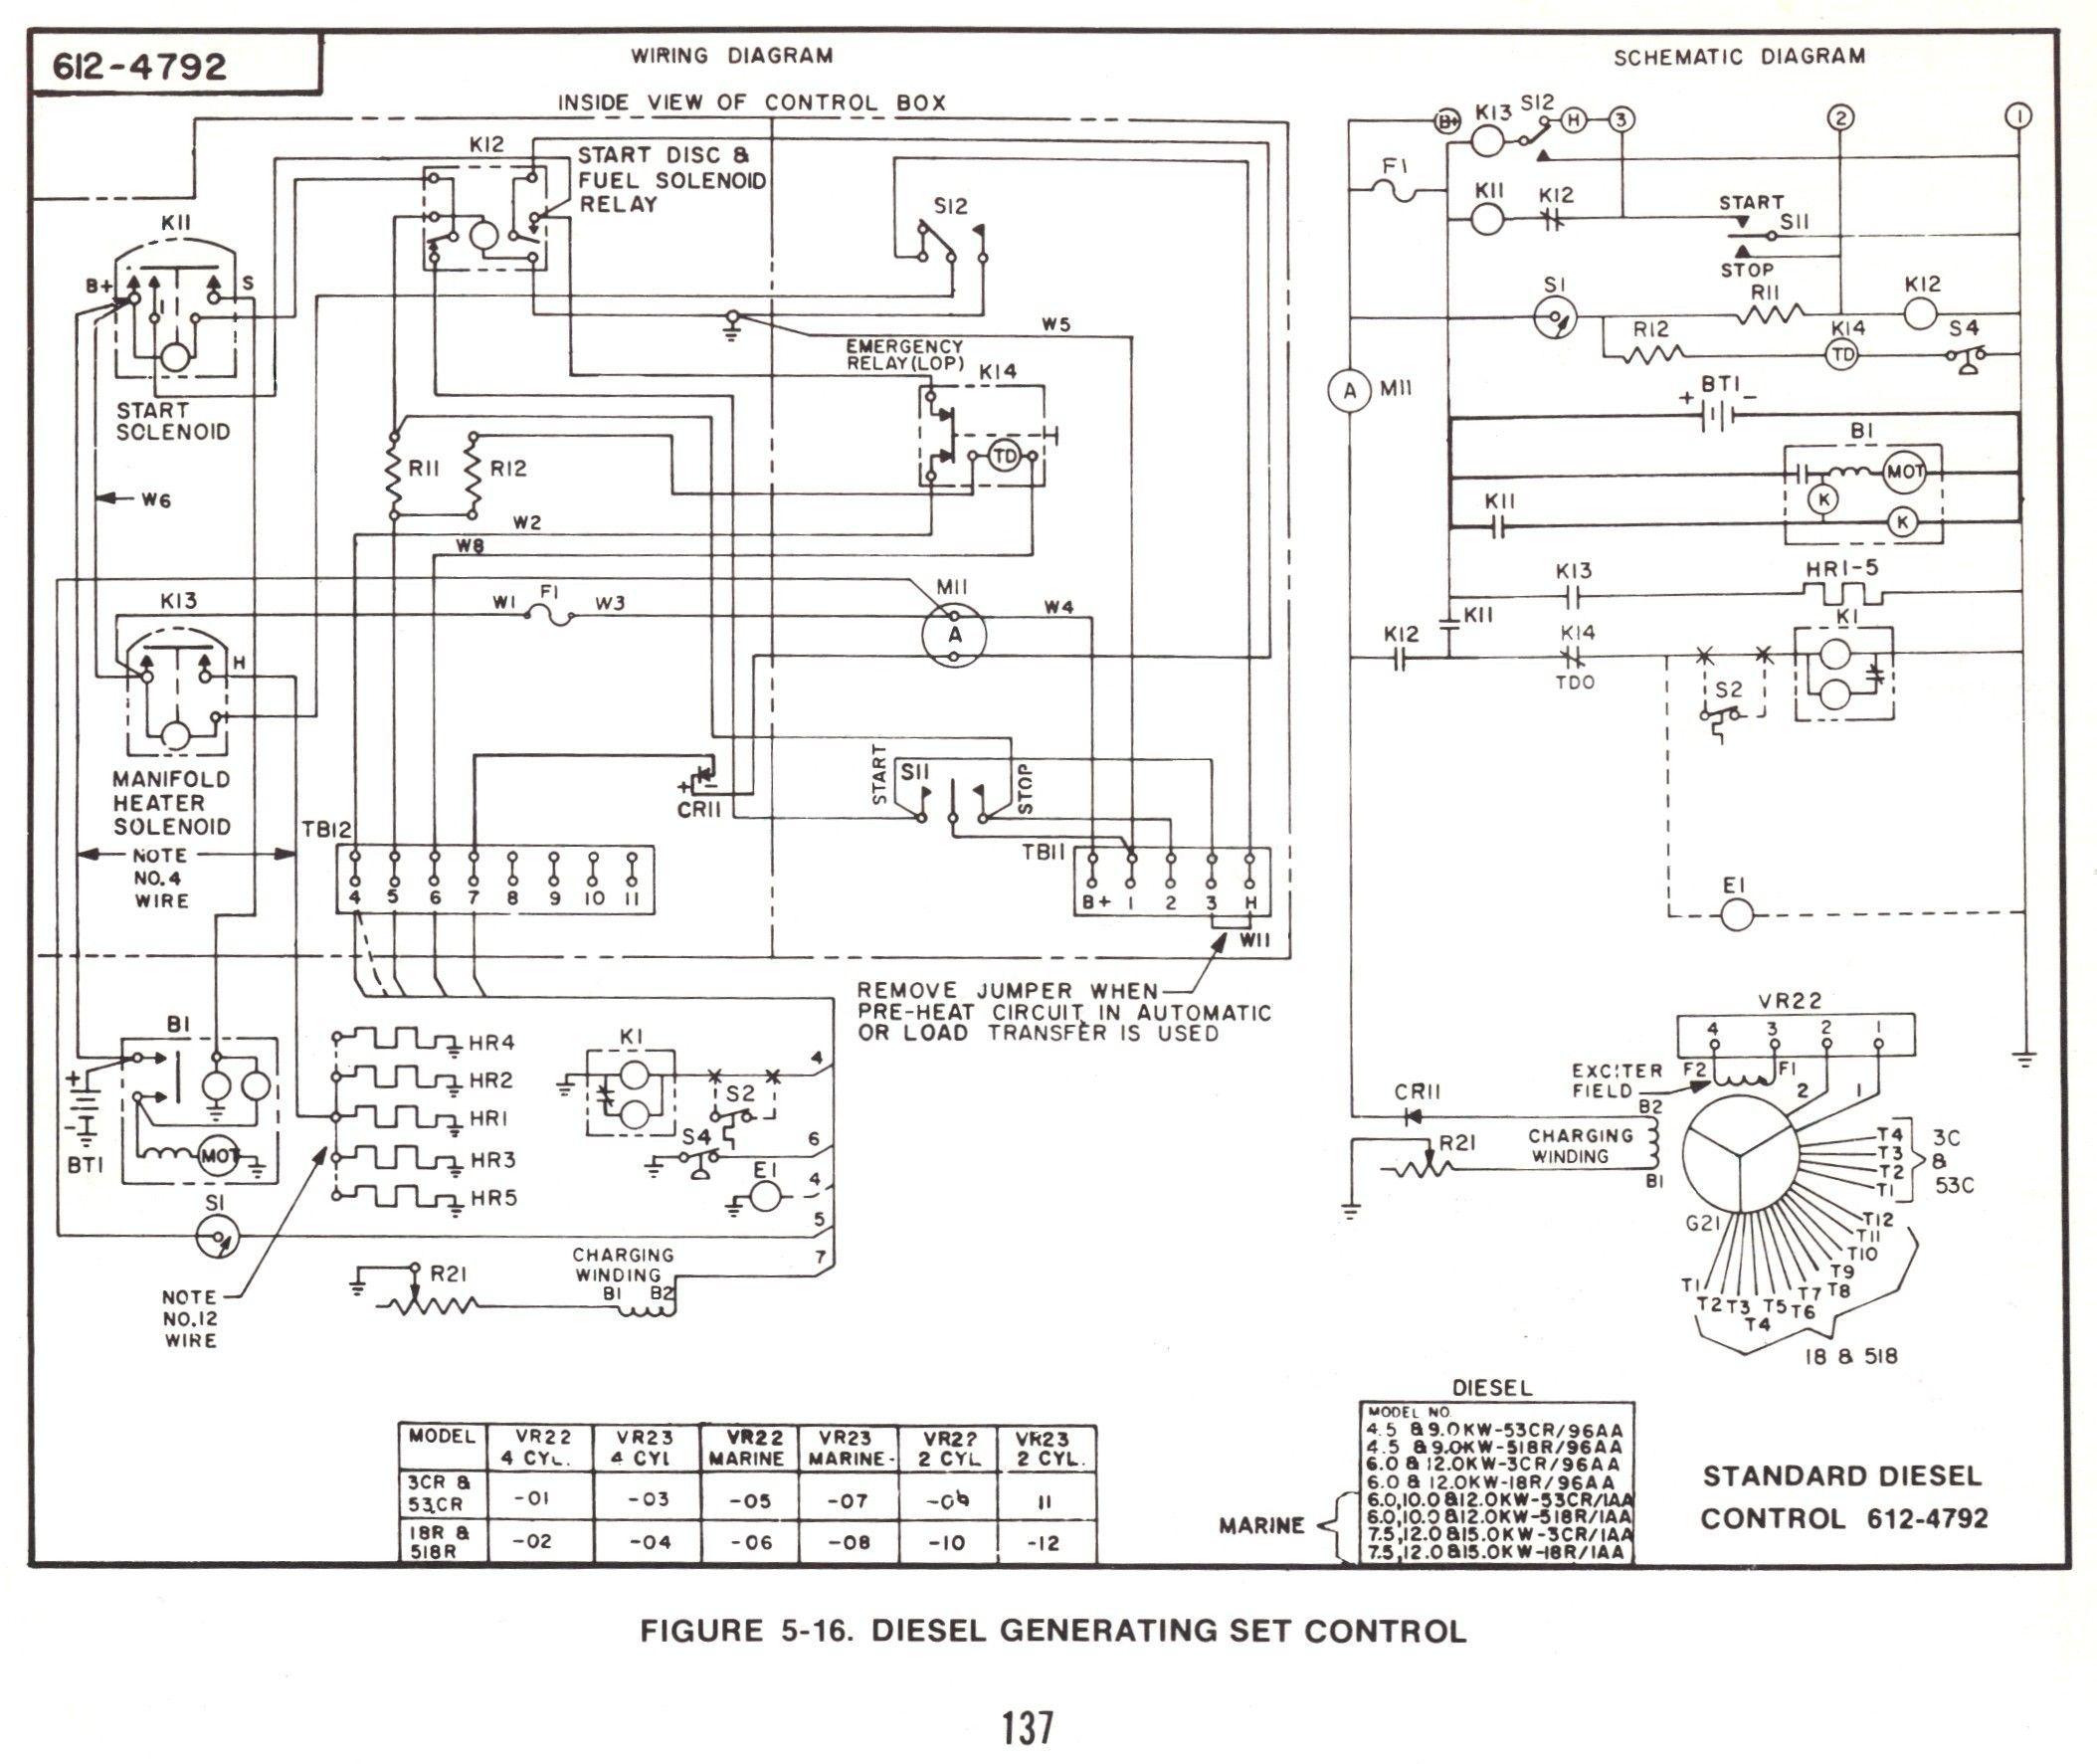 Unique Wiring Diagram for solar Generator #diagram #